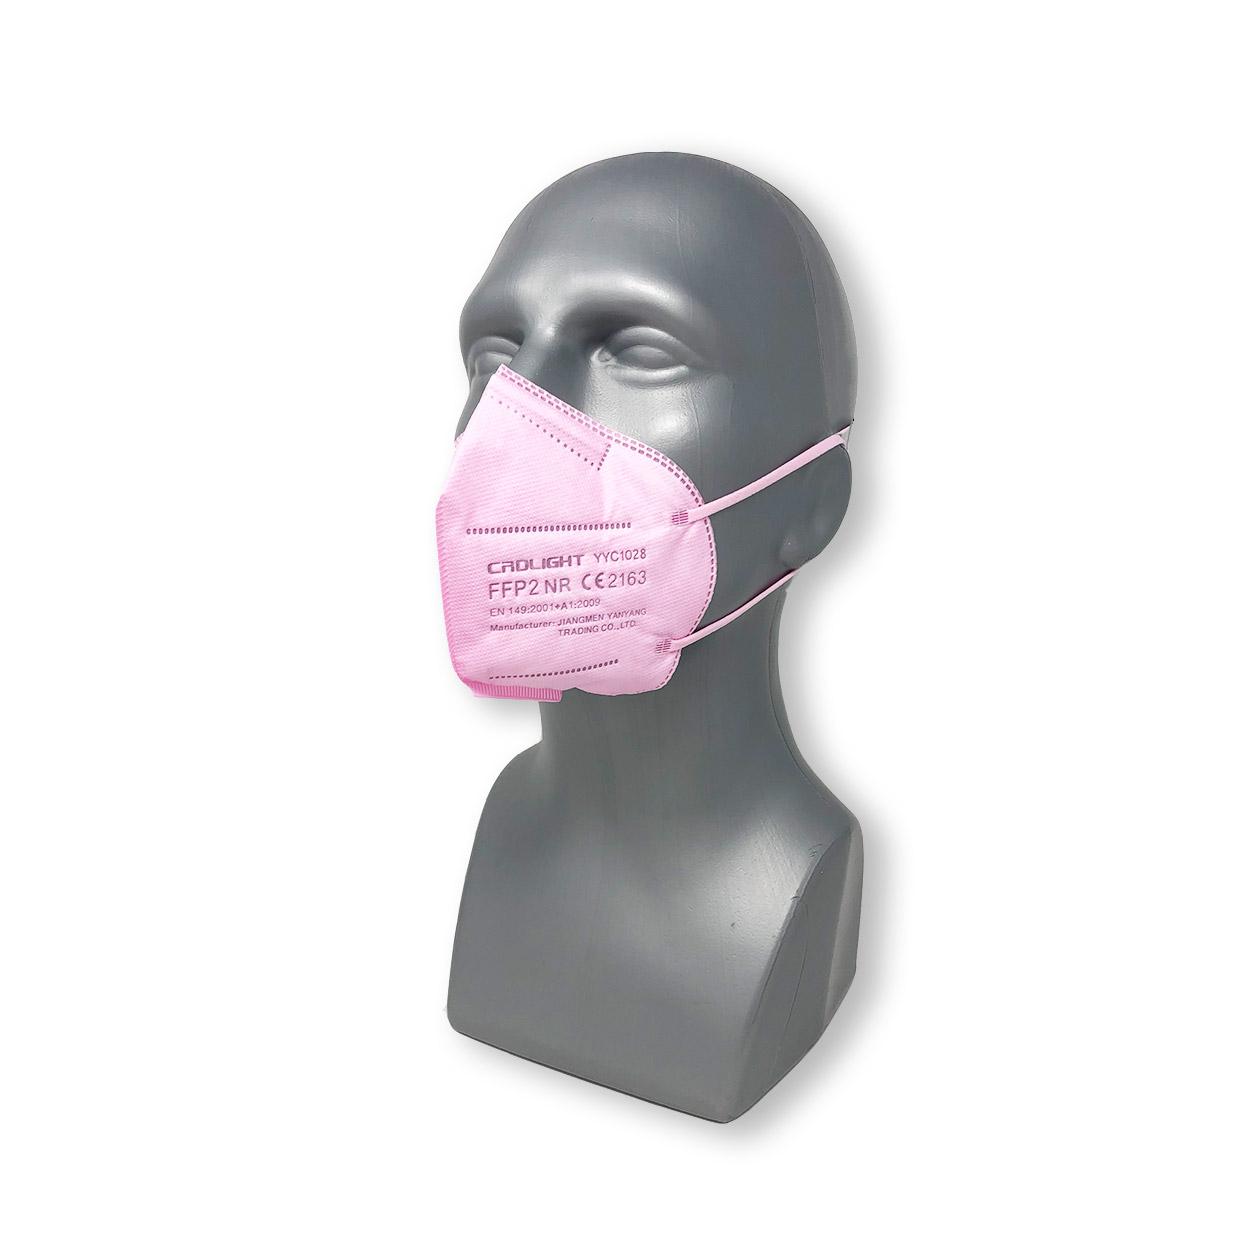 FFP2 Atemschutzmaske YYC1028 in pink, Packung à 25 Stück